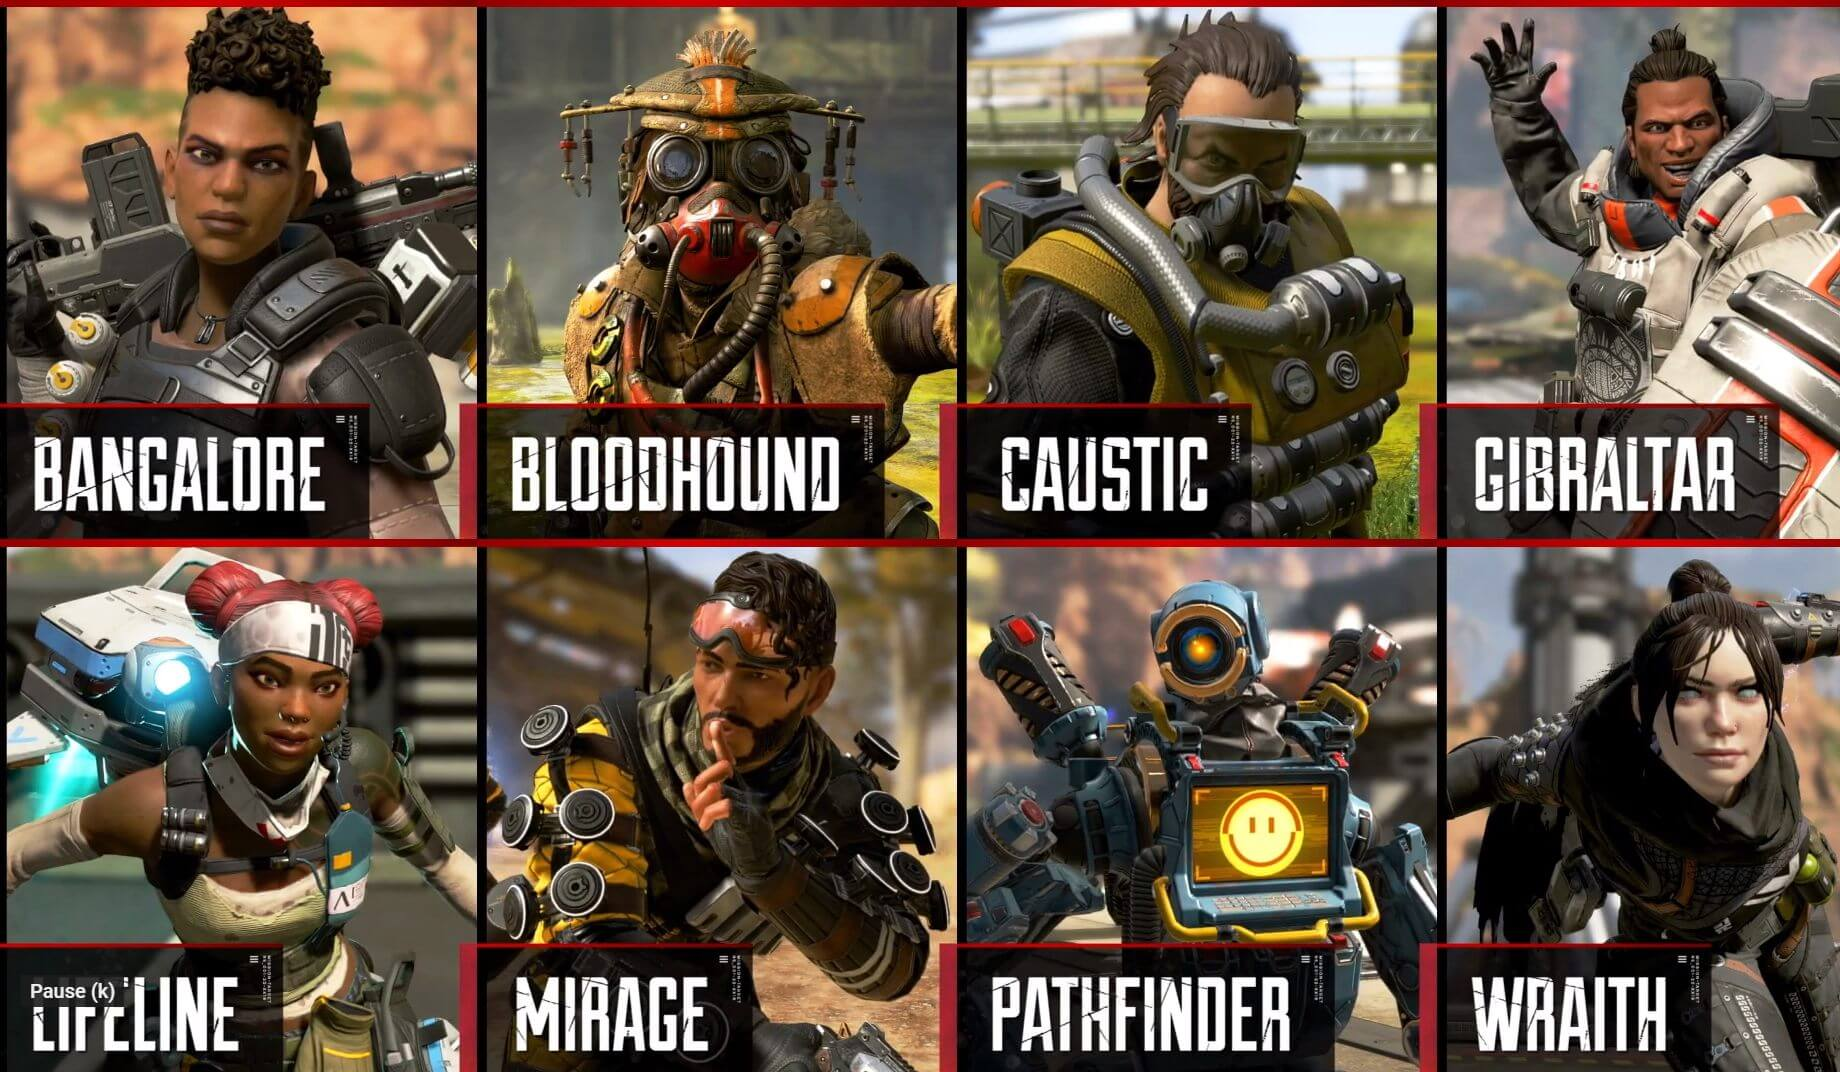 les 8 légendes disponibles actuellement